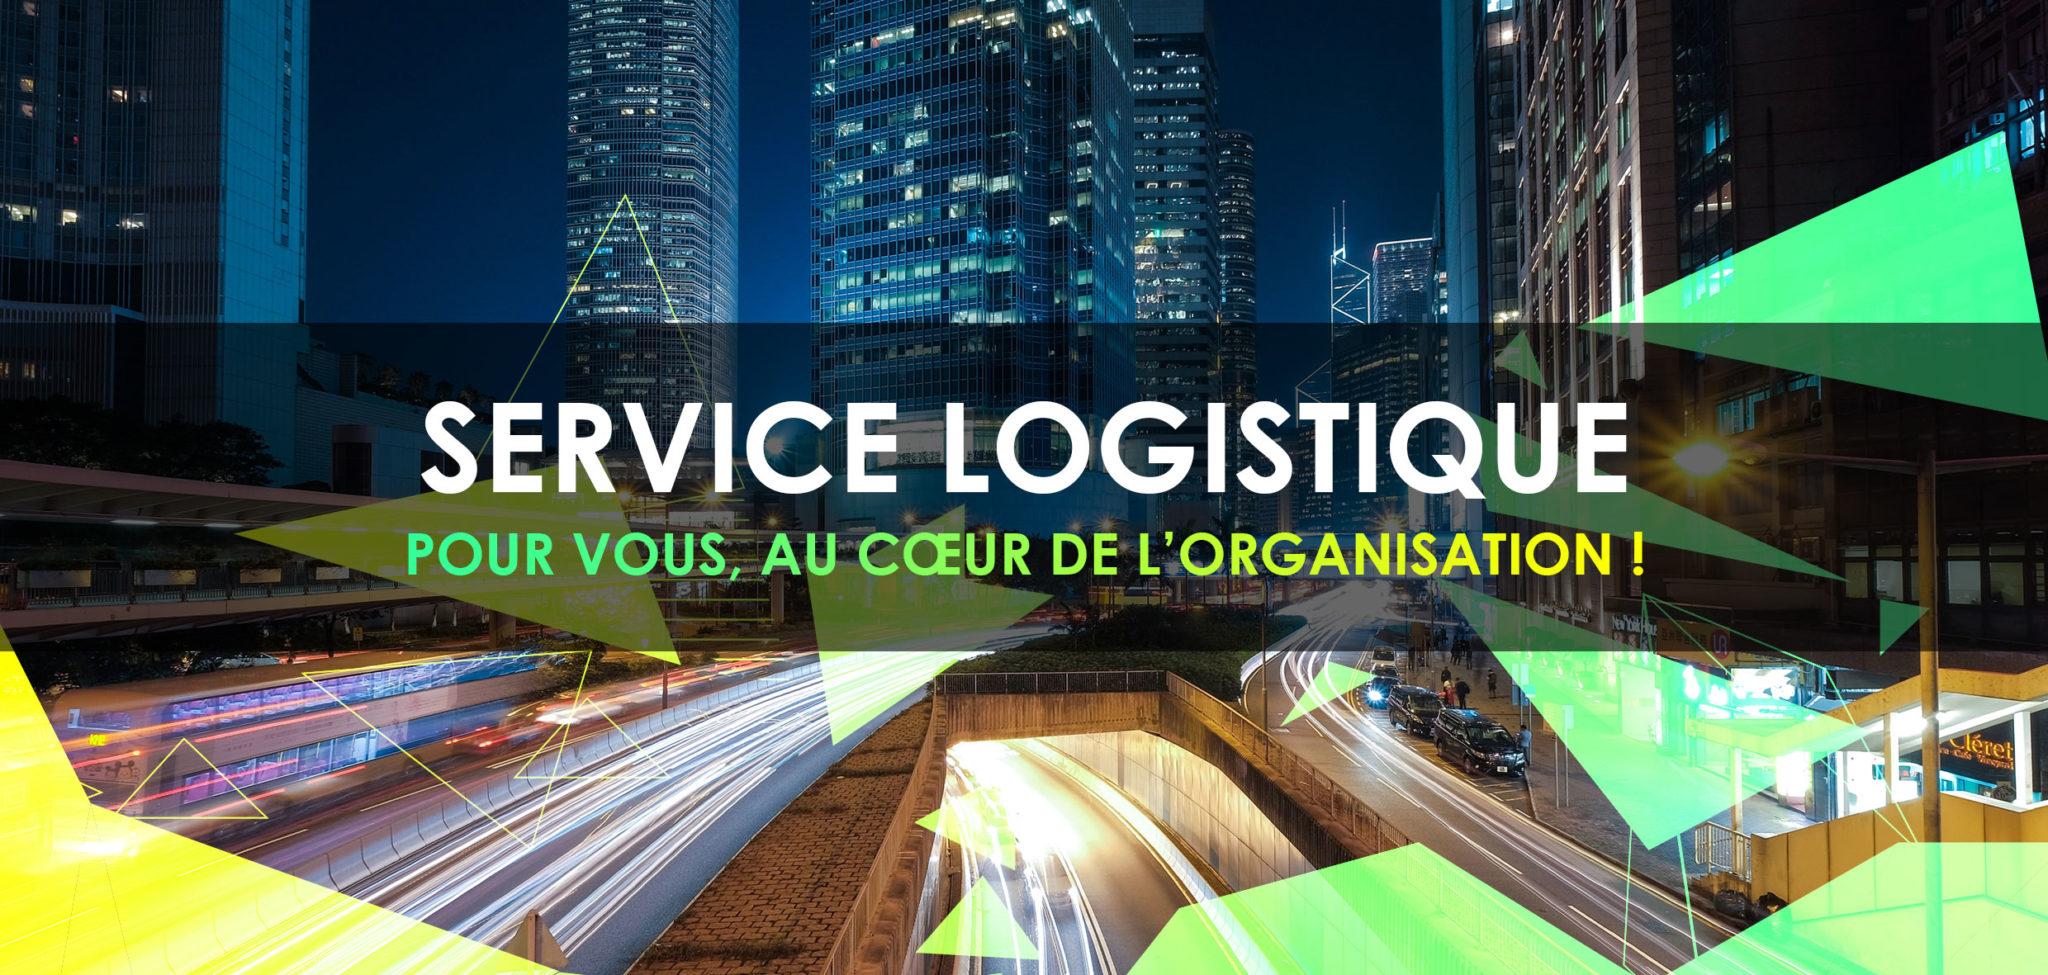 Image service-logistique Techni Print 82